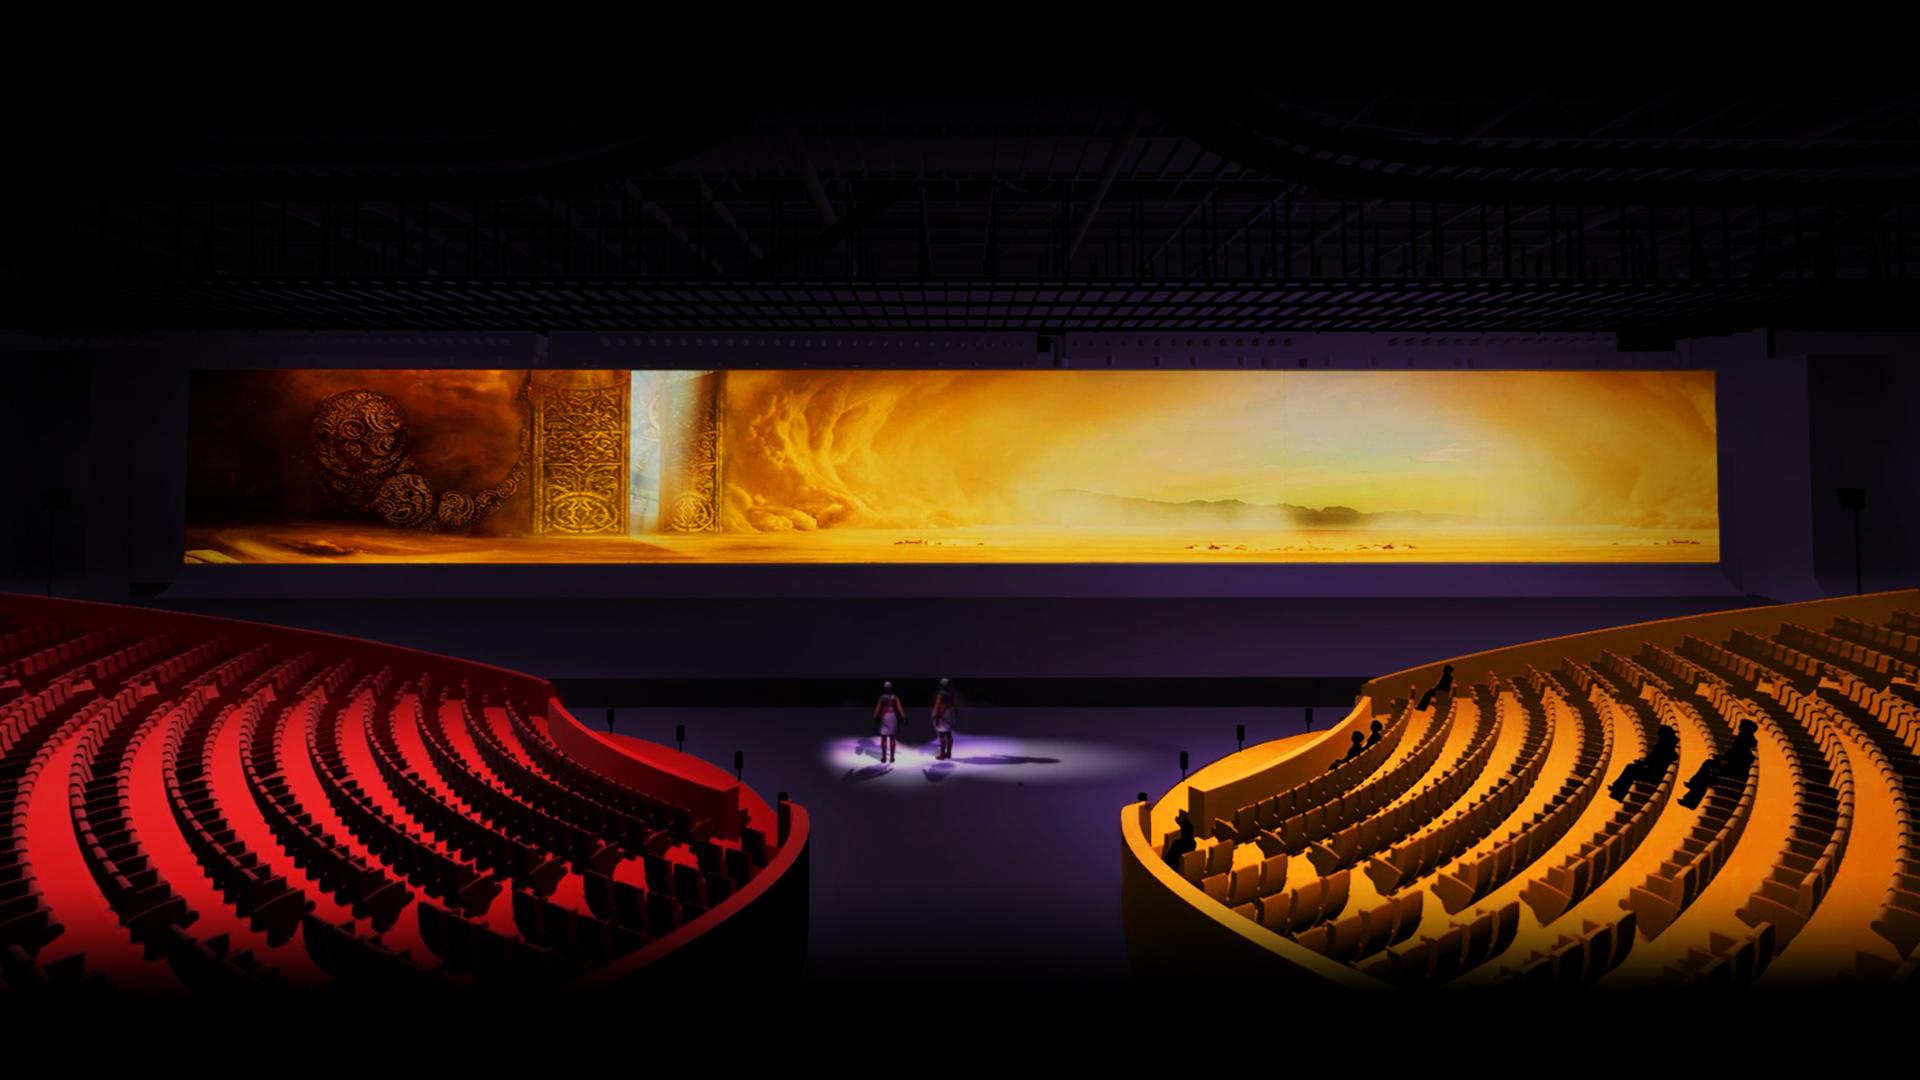 【杭州太阳马戏x绮幻之境】460元抢购《X绮幻之境》D区成人票!太阳马戏又双叒叕回来啦!限时抢购! 360°环视座椅~100米巨幕舞台~独家定制剧场~